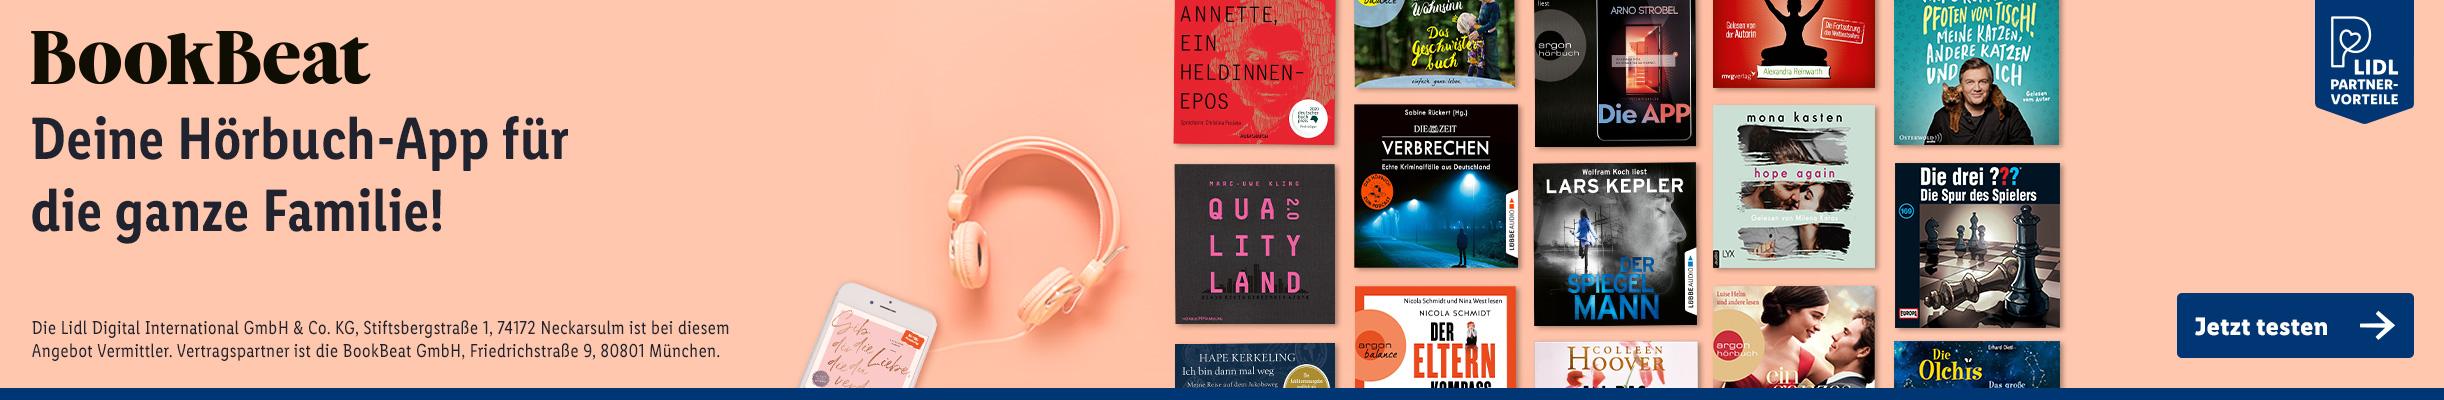 BookBeat - Deine Hörbuch-App! Jetzt 1 Monat gratis testen